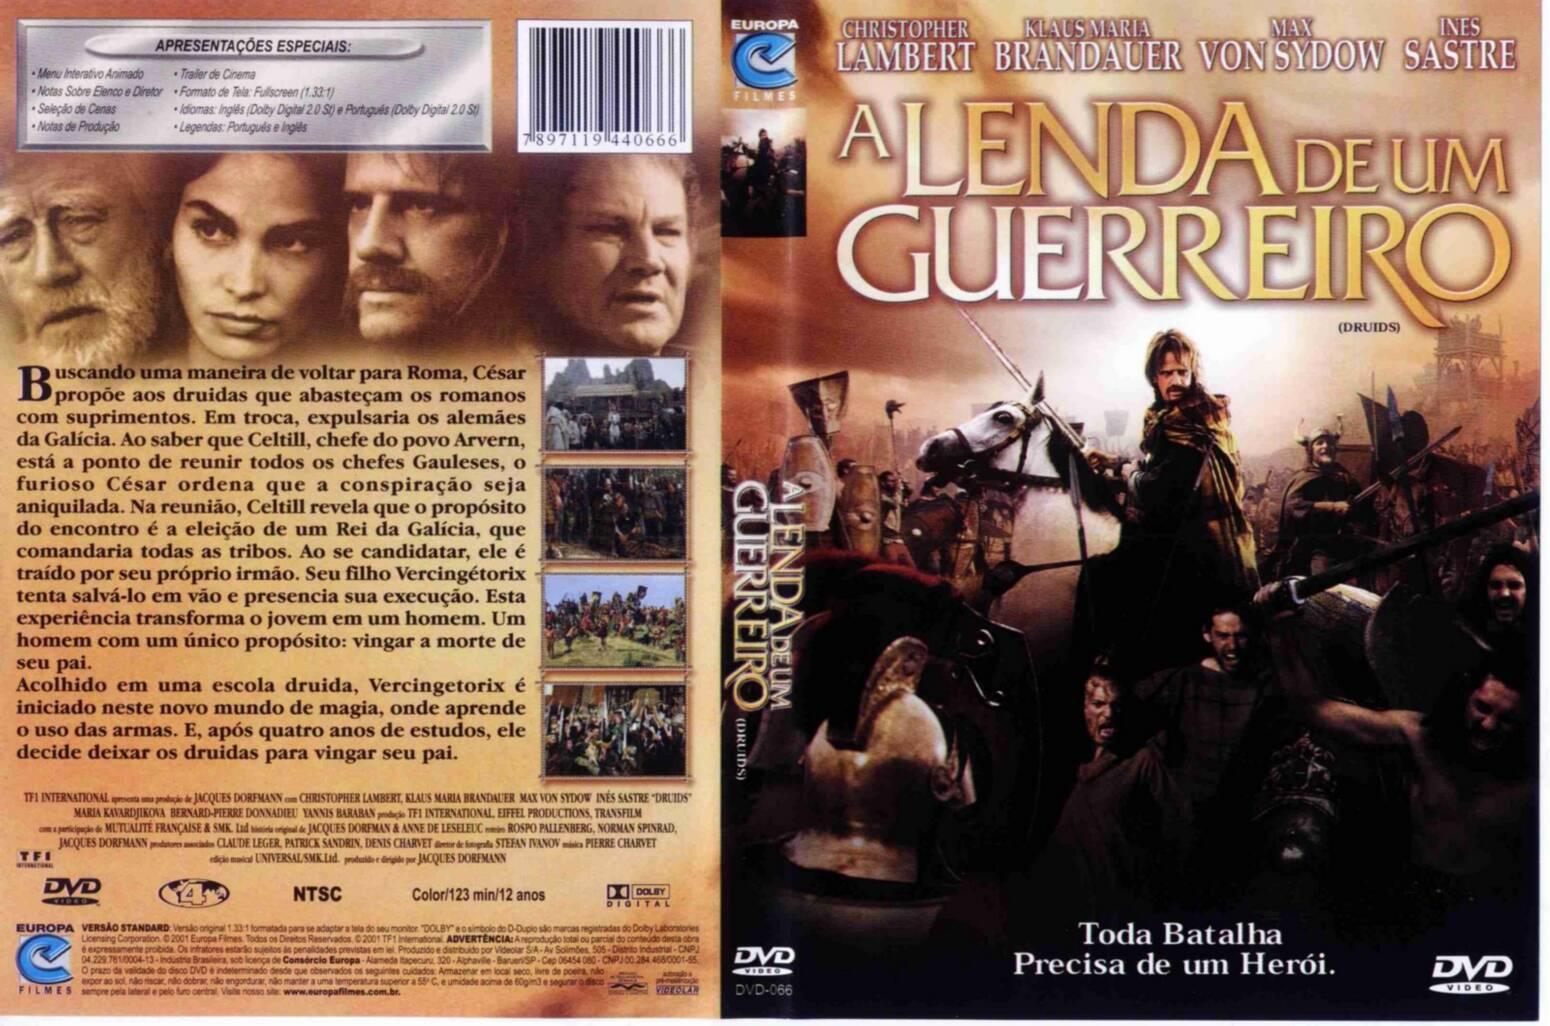 http://2.bp.blogspot.com/_GqpLe7EsmXI/S7ChWD630II/AAAAAAAAABM/tdgic6KbhJE/s1600/A_Lenda_De_Um_Guerreiro.jpg